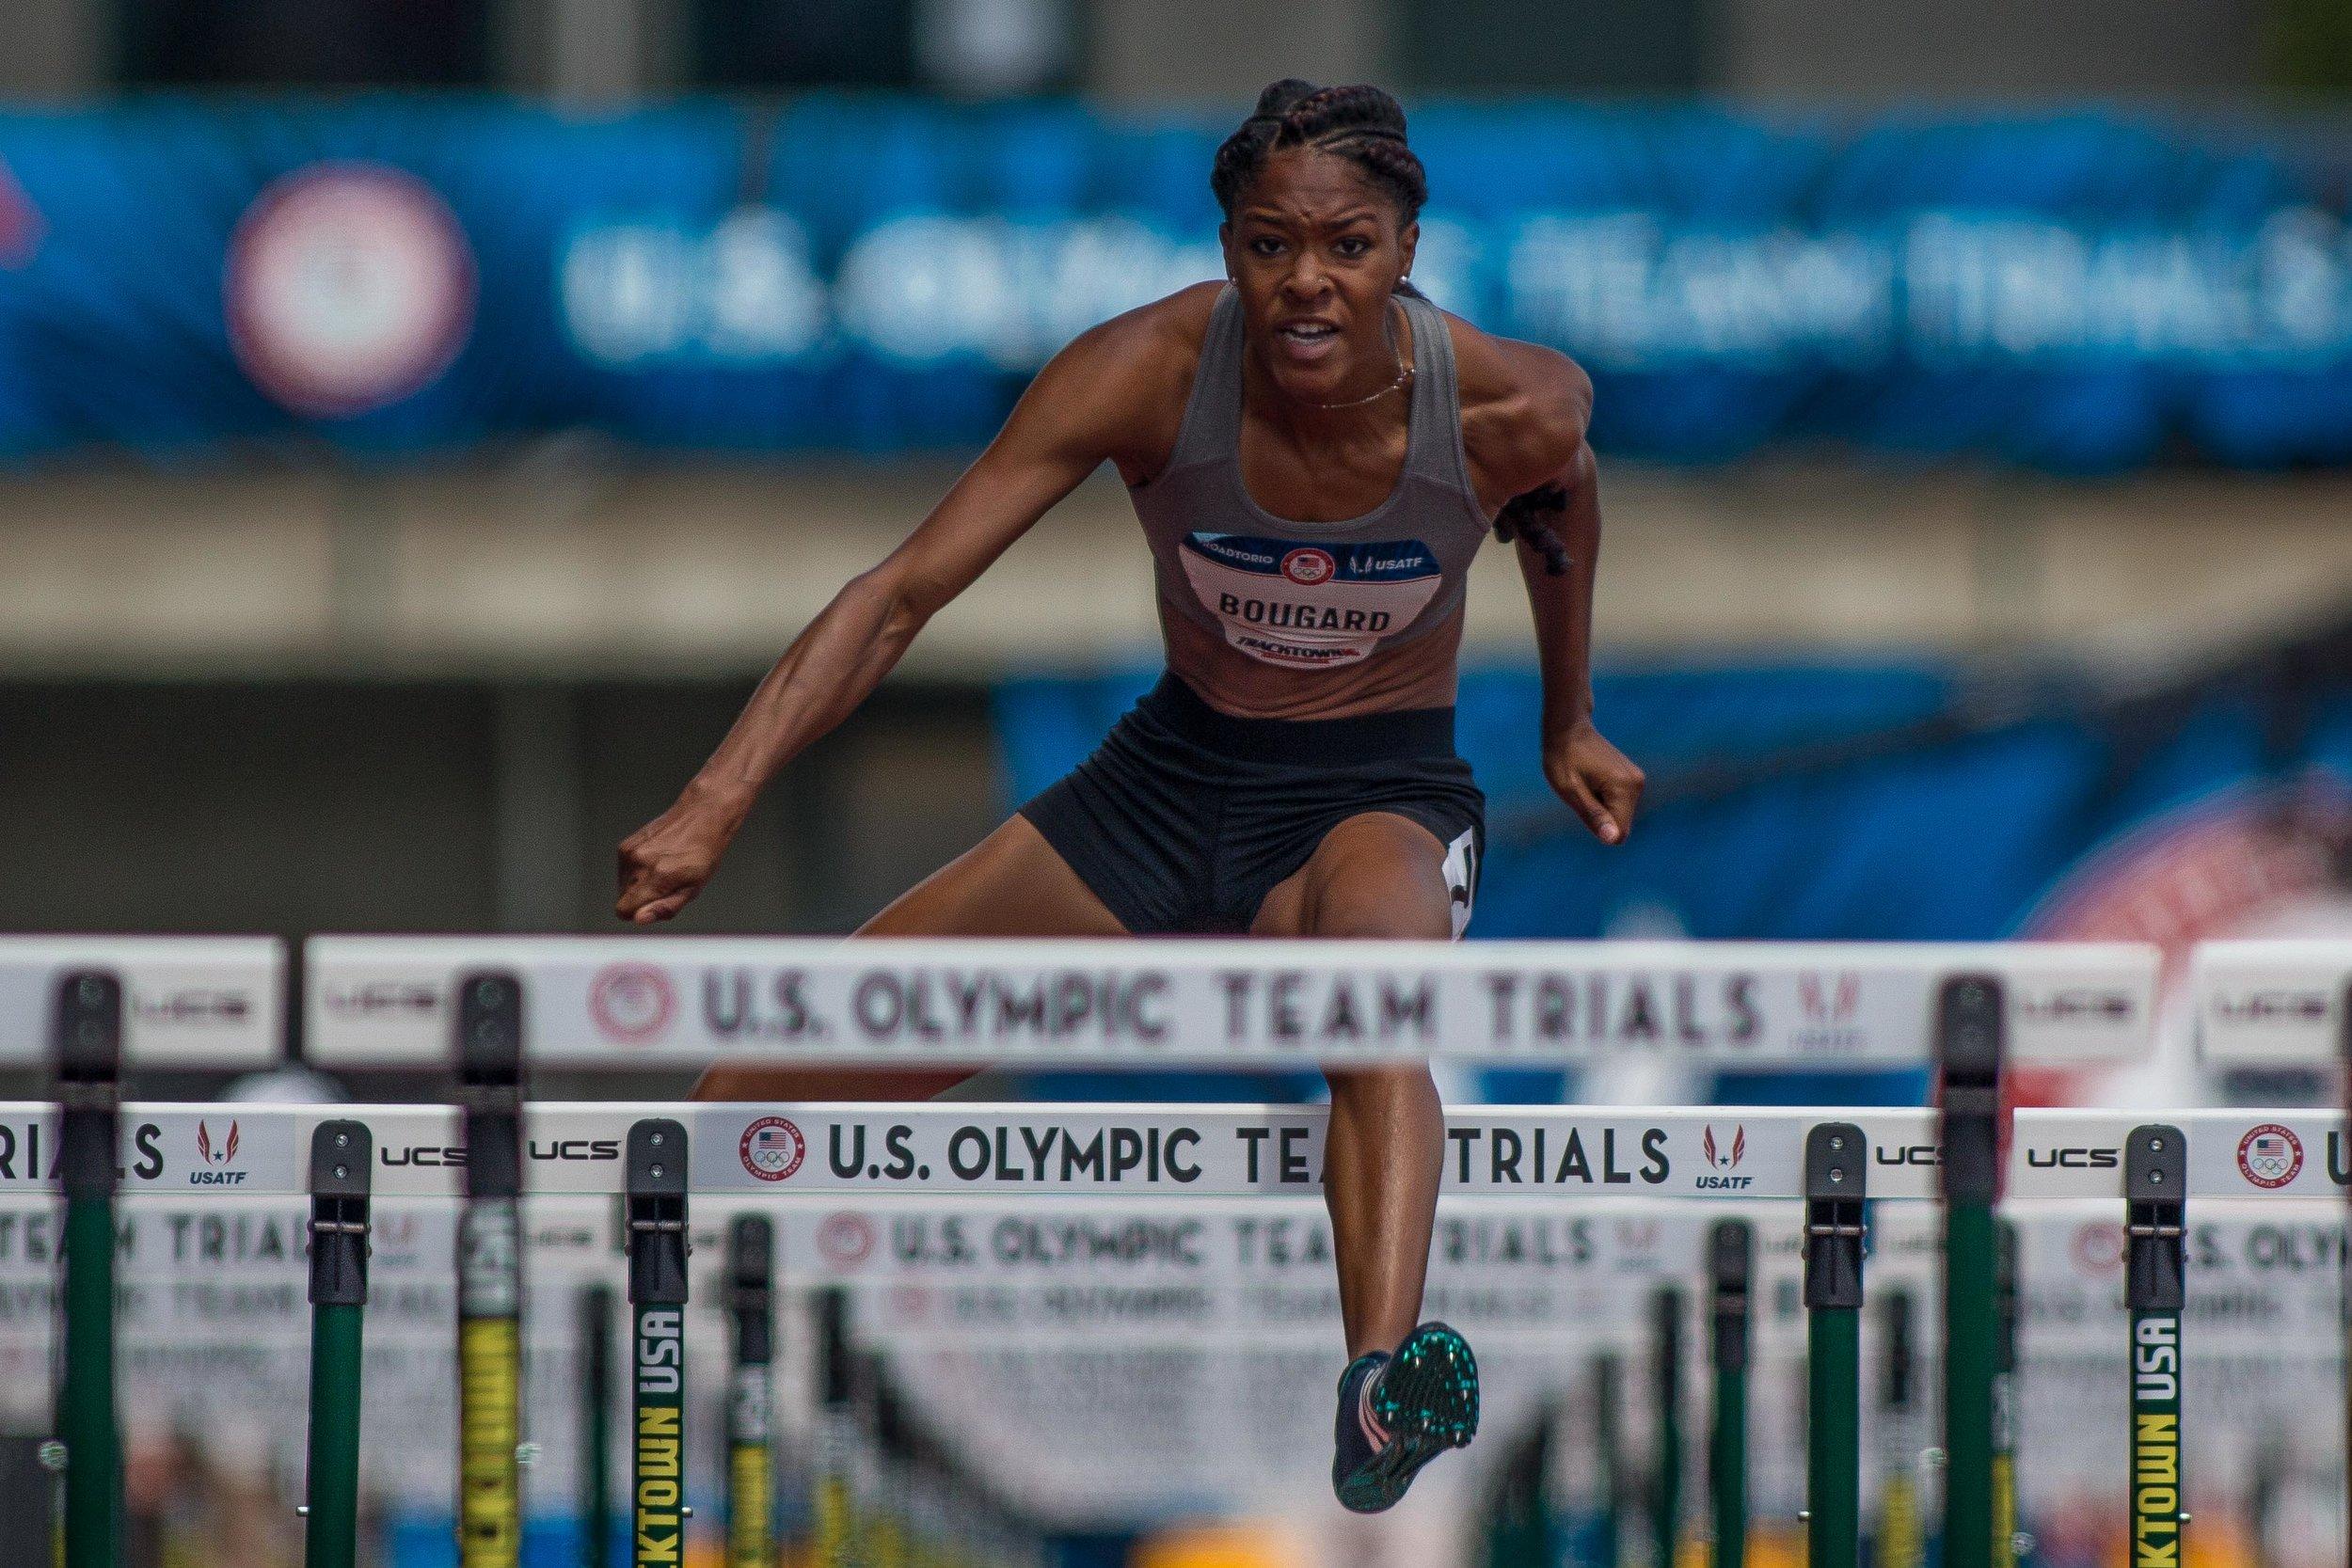 olympic trials web-2.jpg